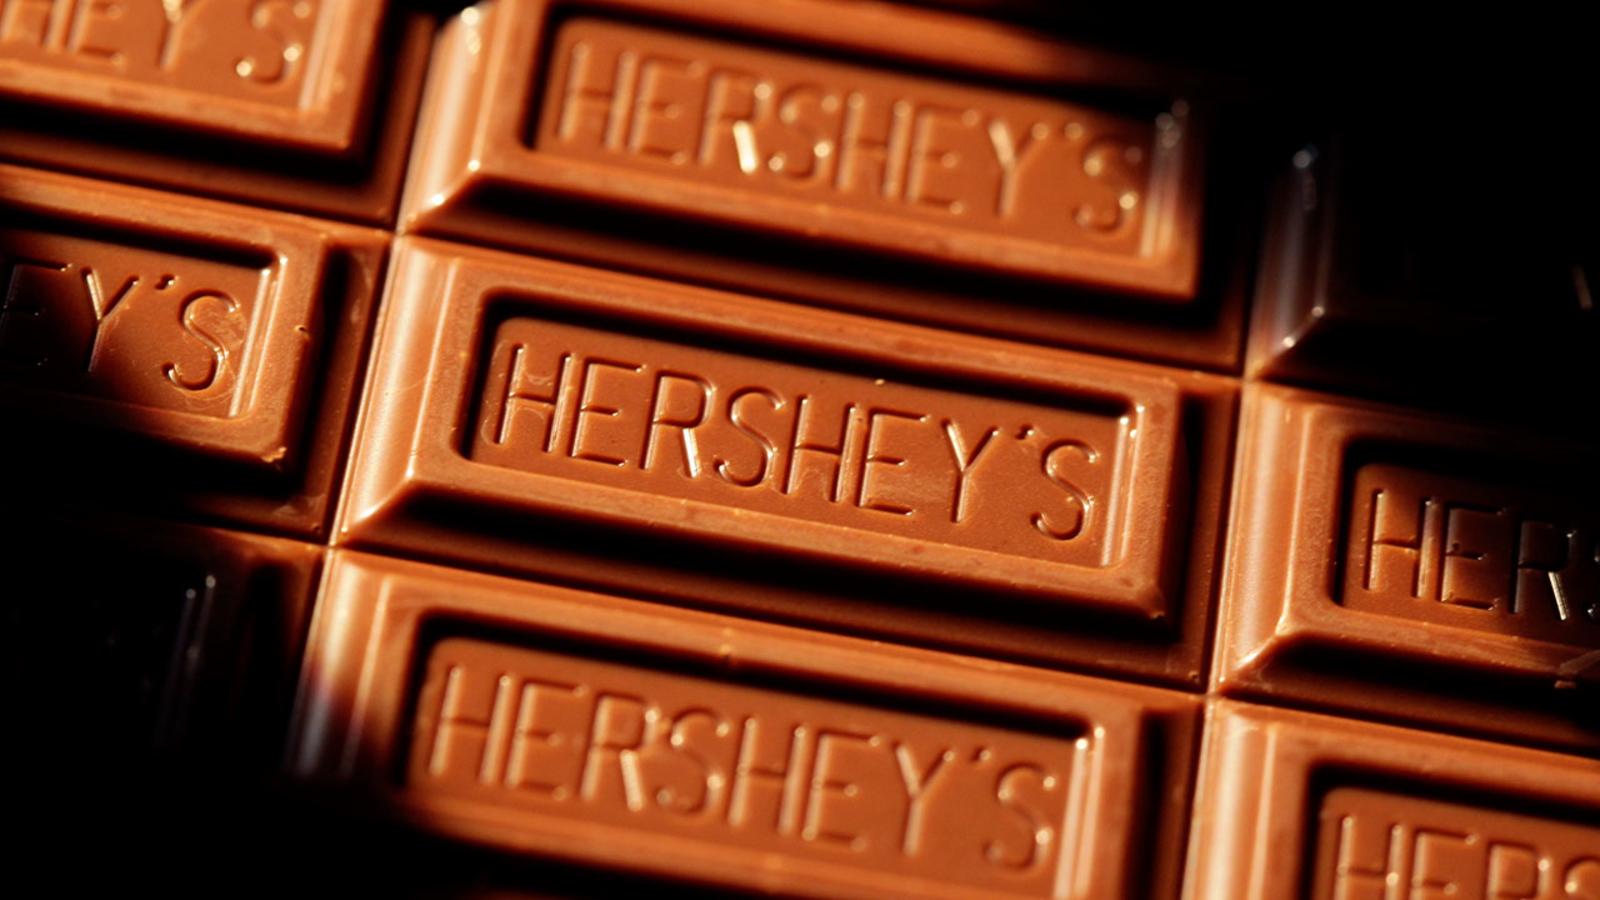 Hersheys Chocolate World Chicago celebrates 10th anniversary 1600x900